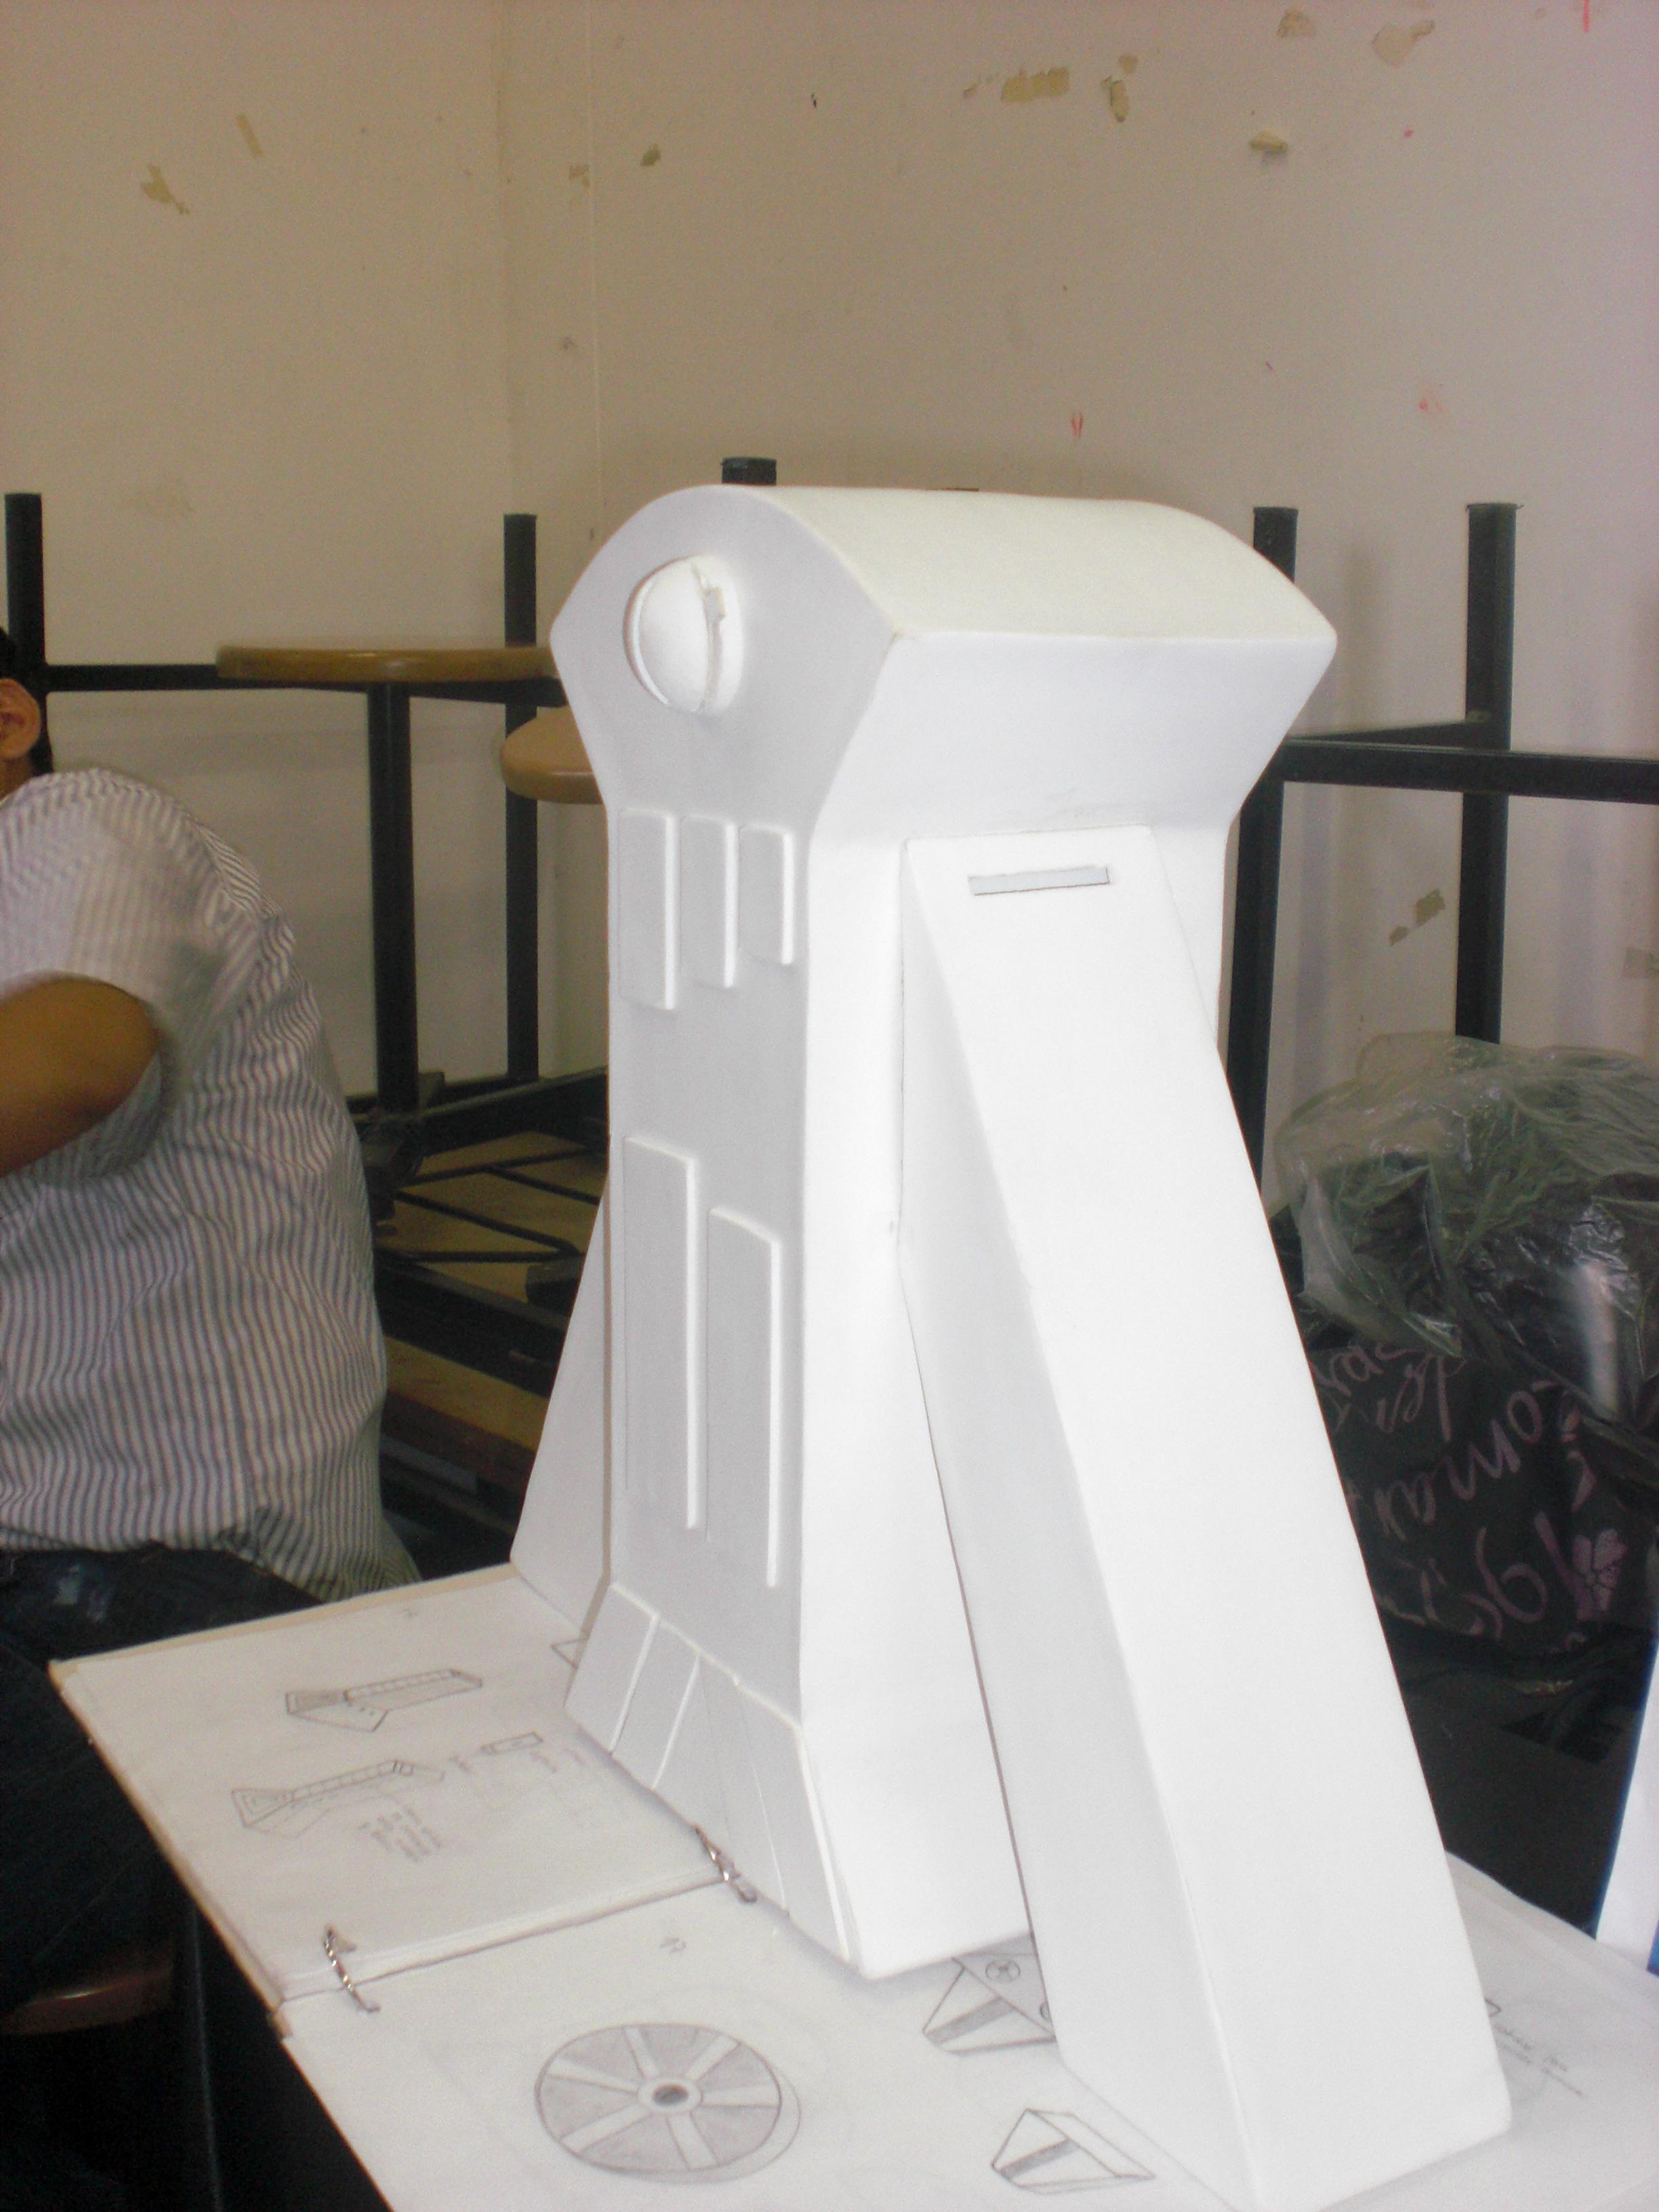 Entrega proyecto ii carrera de dise o industrial for Carrera de diseno industrial